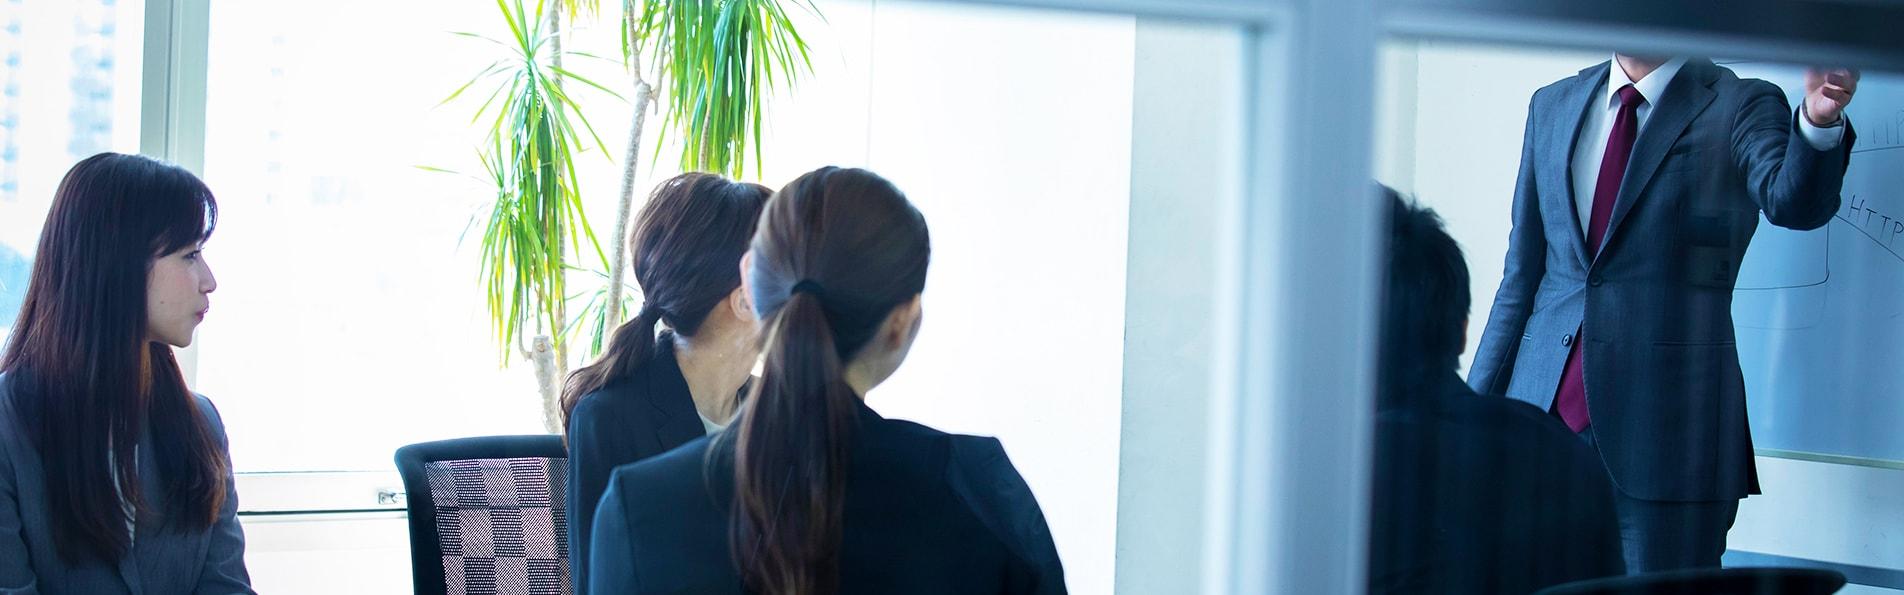 資産運用やビジネスに役立つセミナー